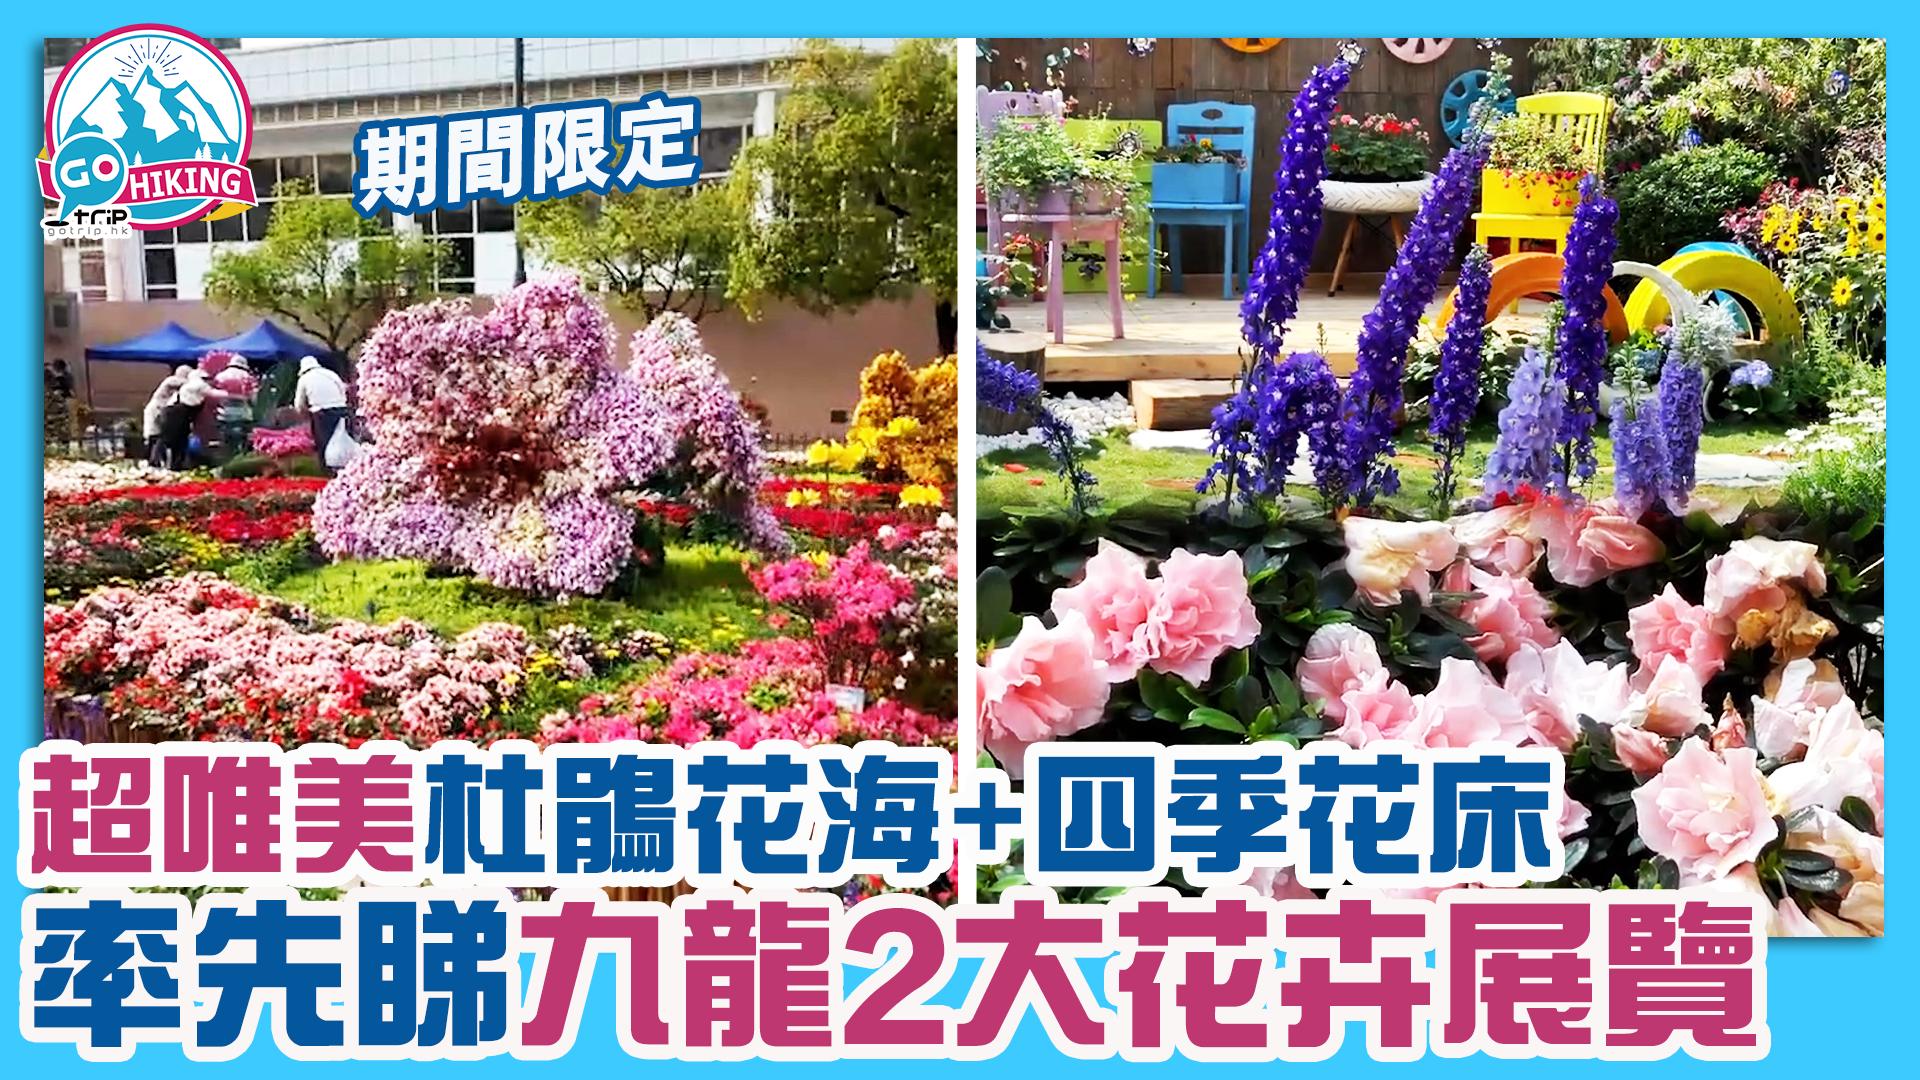 花卉展2021 荔枝角公園+九龍公園期間限定 杜鵑花海/四季花床